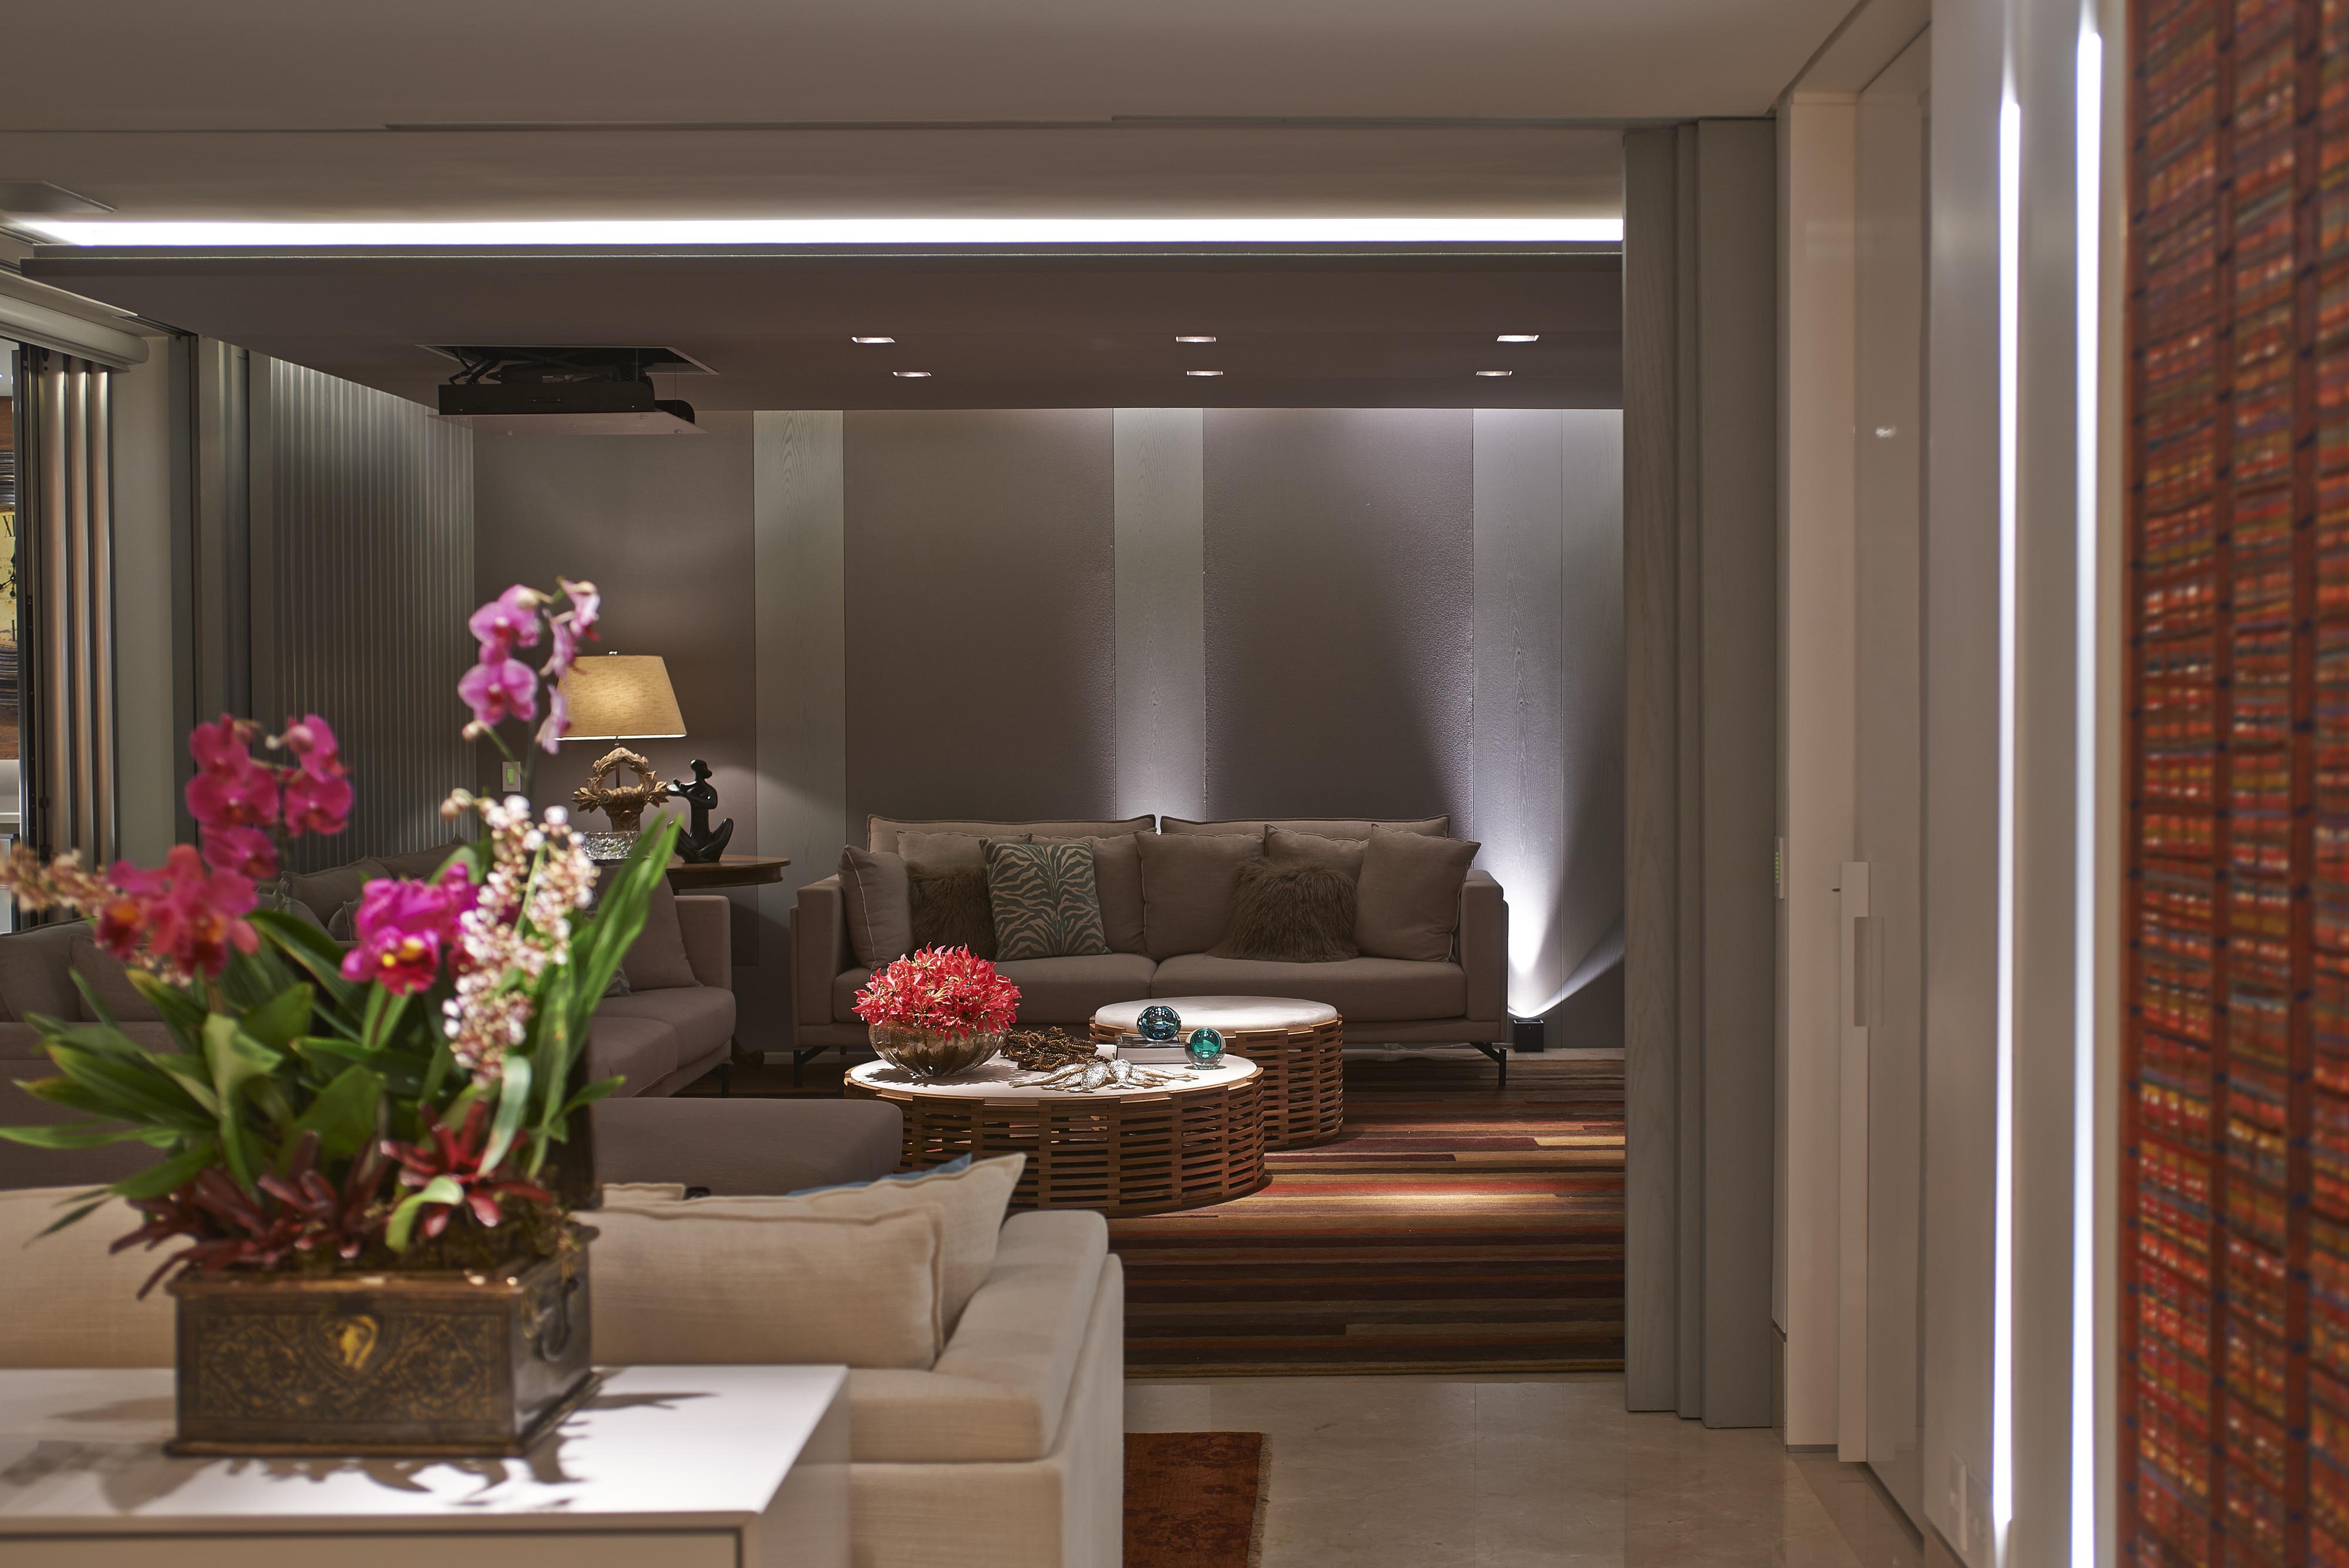 de jantar guilli design dado castello branco cadeiras de jantar lotus #4E5C25 4000x2670